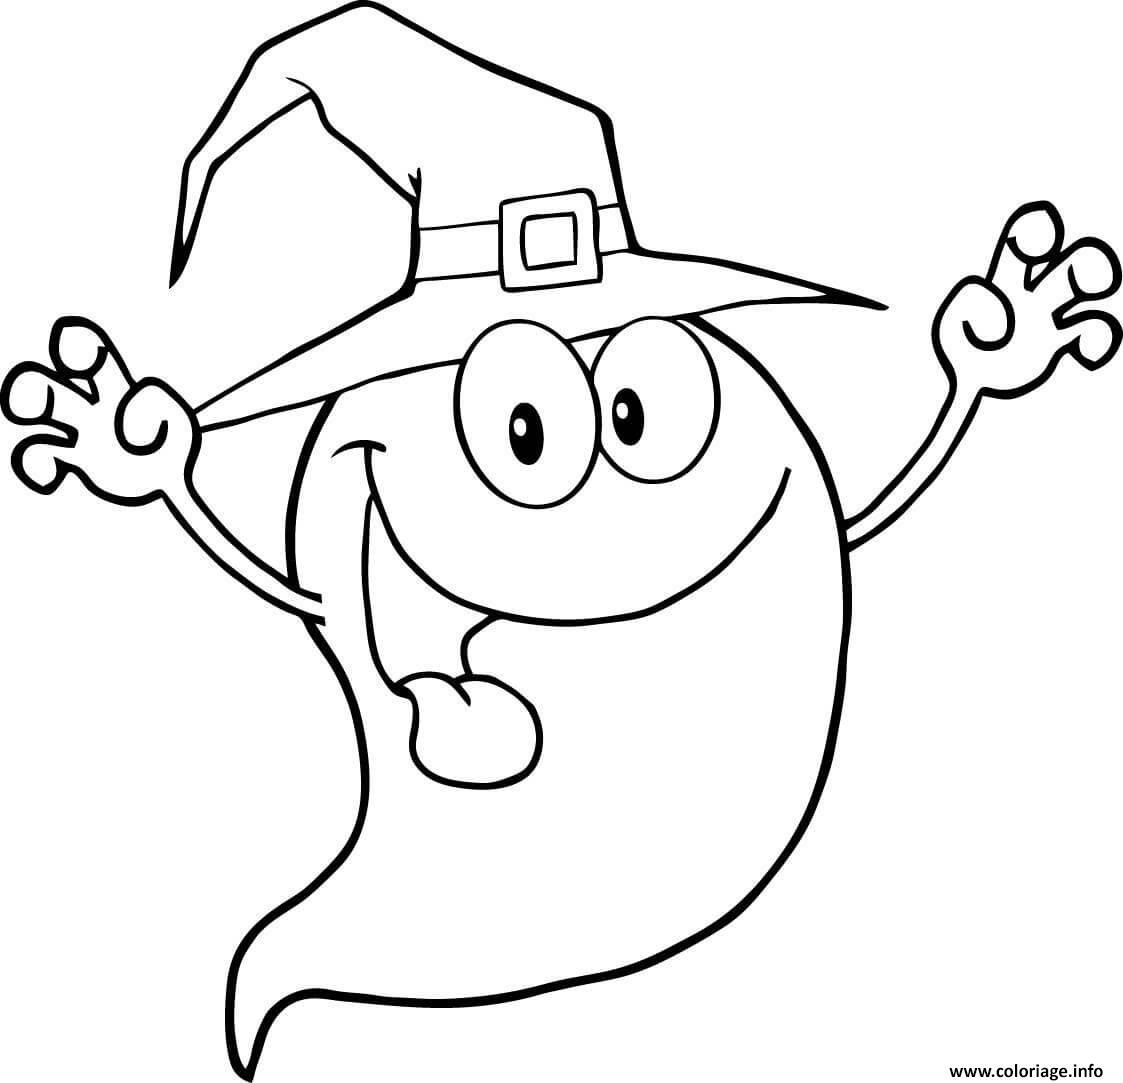 Coloriage Fantome Halloween Personnage Drole Dessin avec Personnage A Colorier